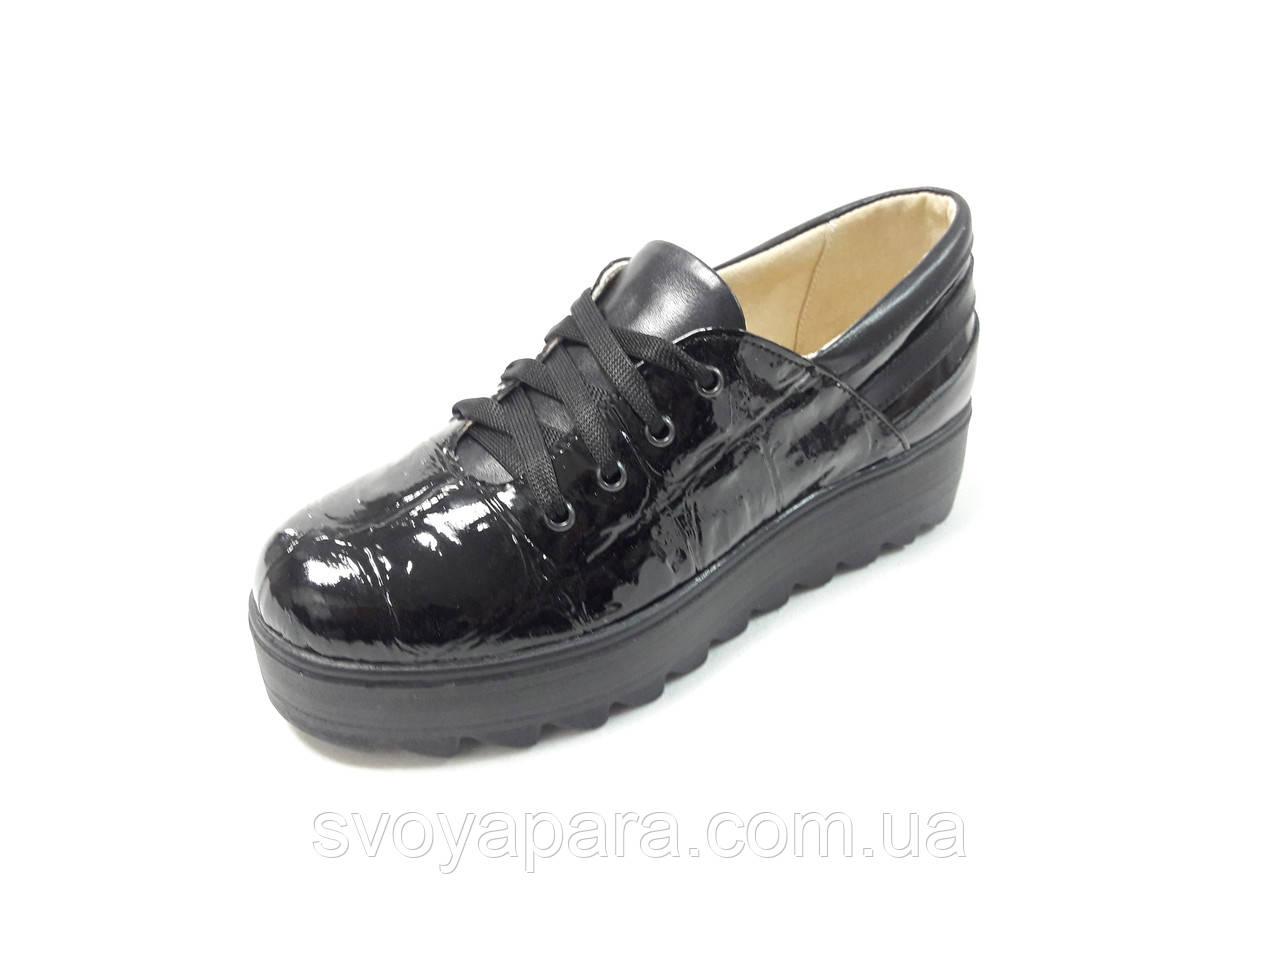 Туфли женские из натуральной лаковой кожи черного цвета с тиснением на подошве платформе